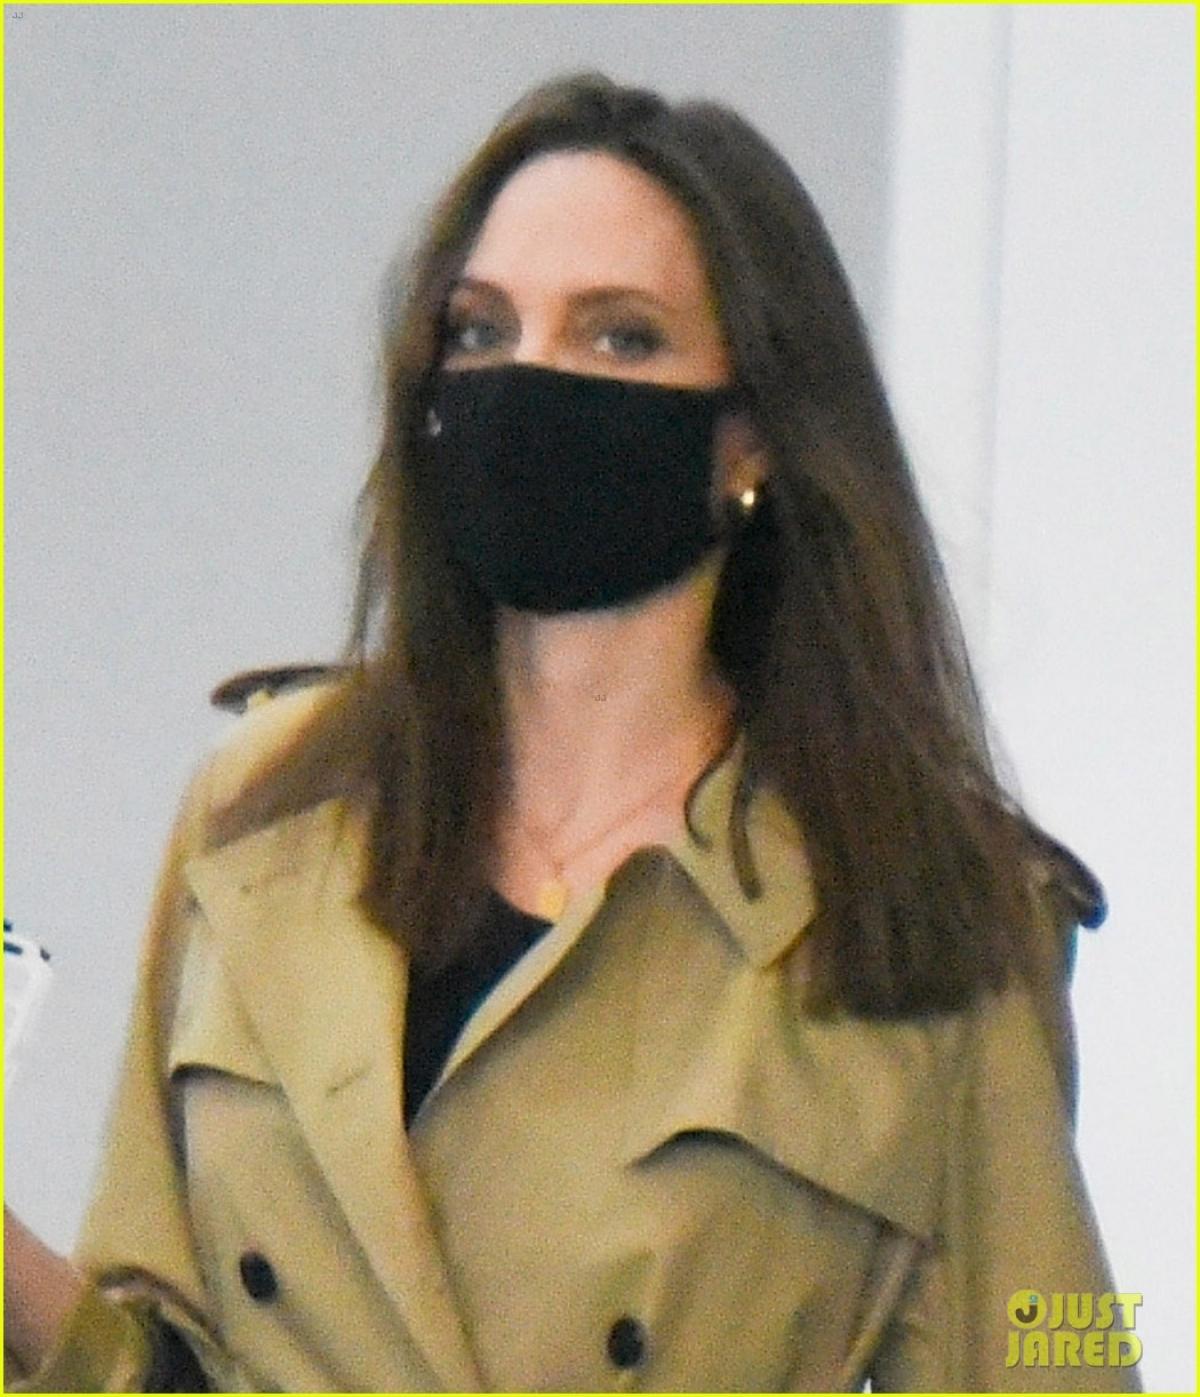 """Mới đây, trong phỏng vấn trên chương trình E!News Daily Pop, nữ diễn viên Angelina Jolie đã có những chia sẻ về cuộc sống riêng tư sau khi ly hôn nam tài tử Brad Pitt. Trước câu hỏi của MC Justin Sylvester về việc cô có những tiêu chuẩn khắt khe khi tìm bạn đời không, Angelina Jolie đáp: """"Tôi có lẽ có một danh sách rất dài chứ. Tôi đã ở một mình quá lâu rồi""""."""